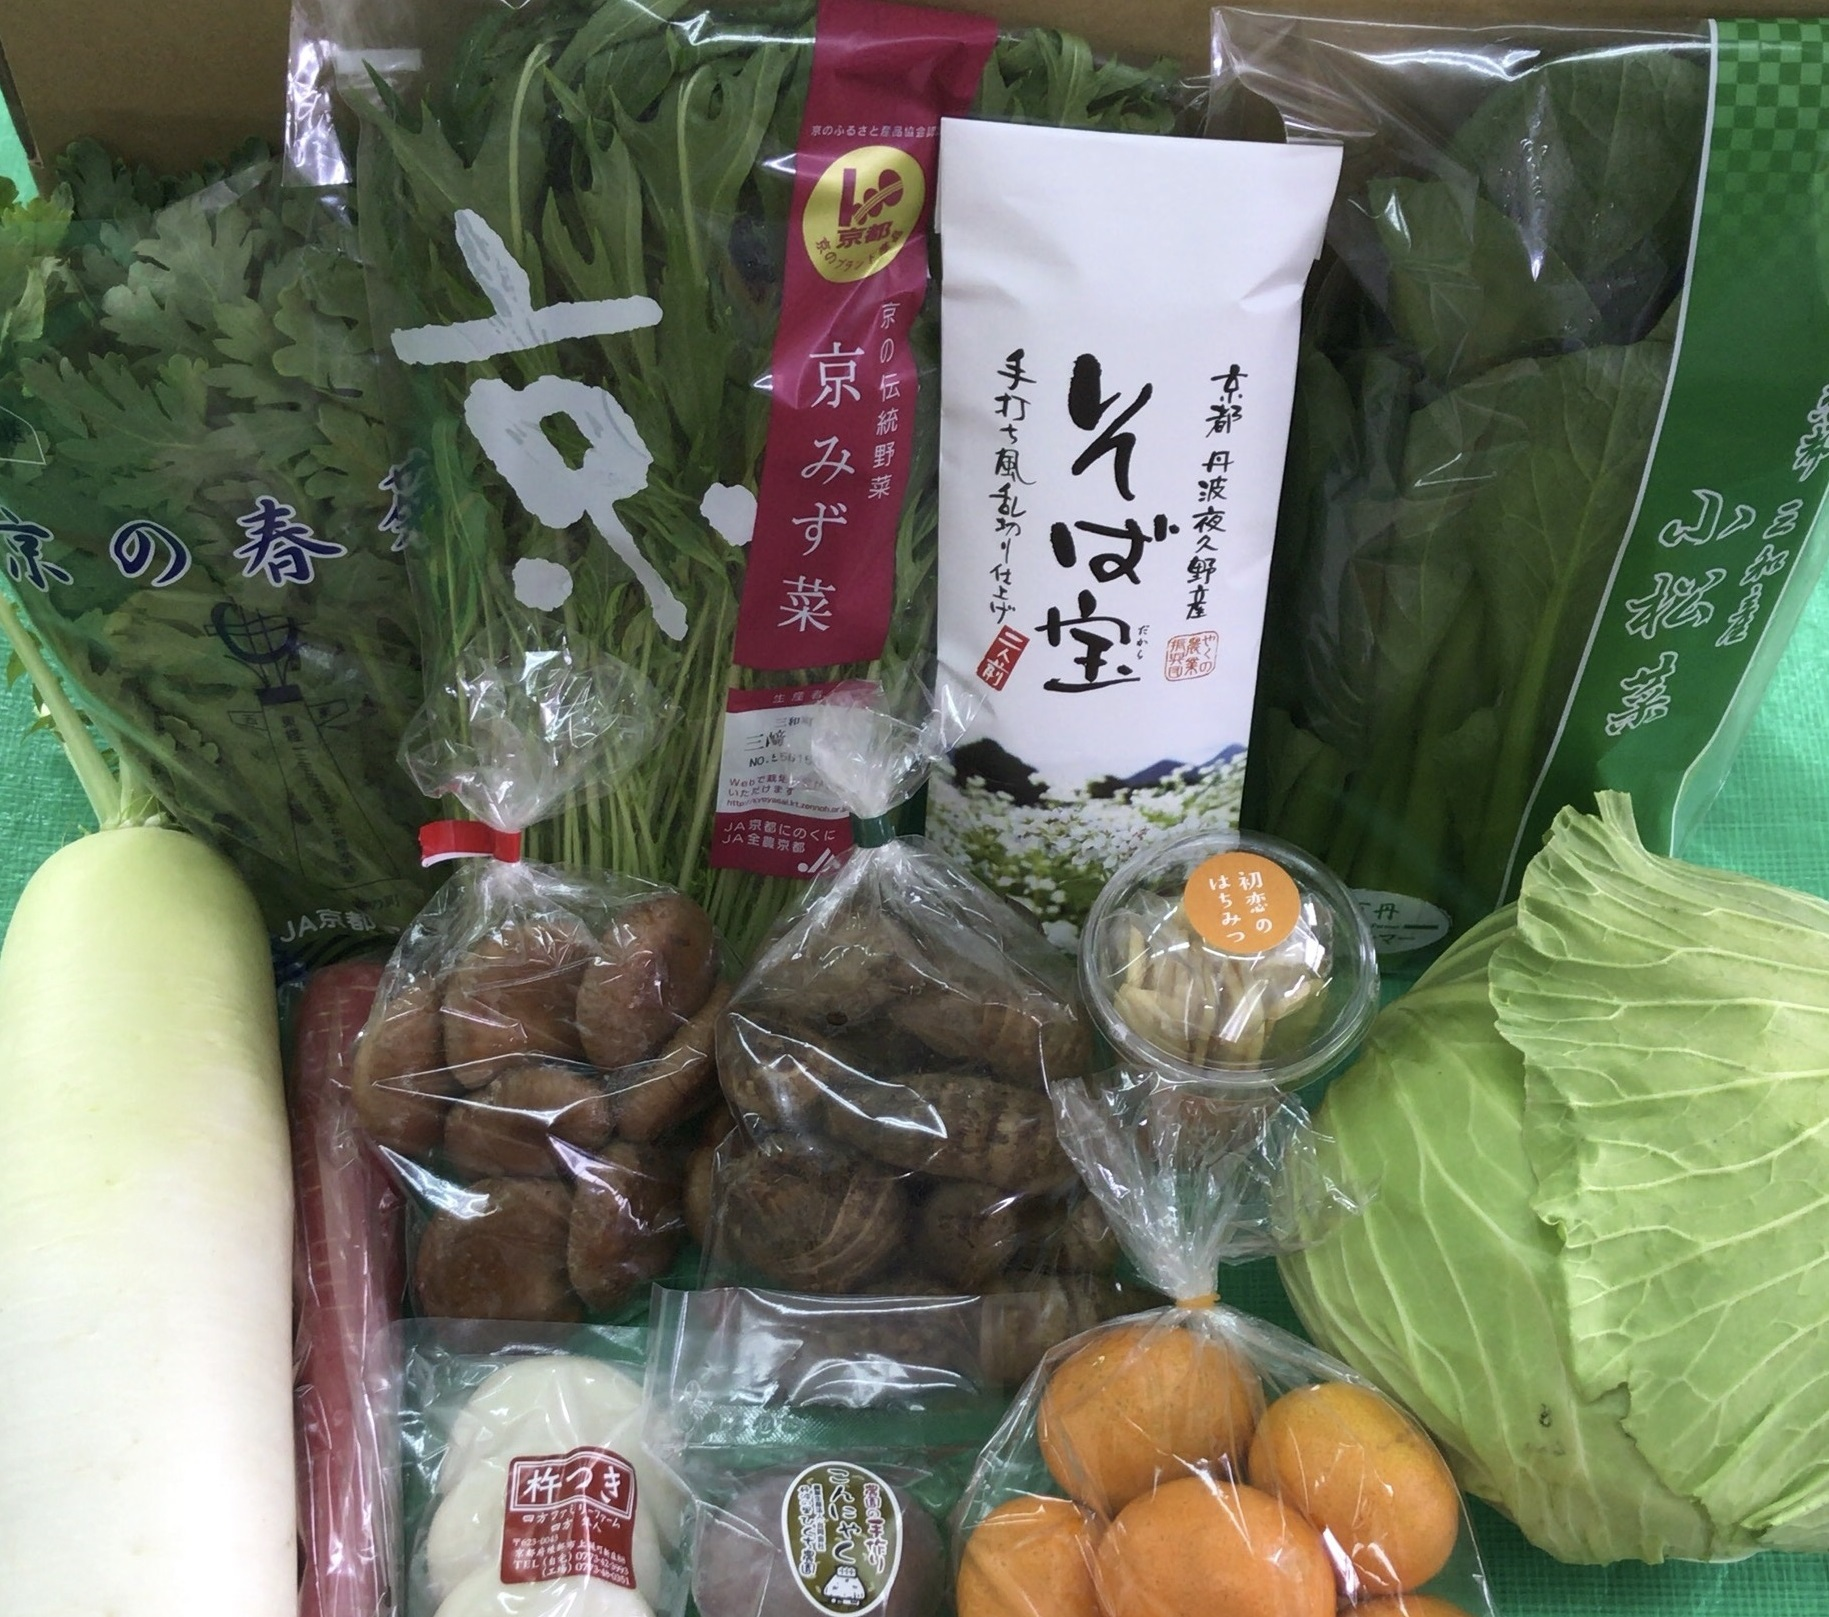 さいさいくらぶH(丹の国夏セット、紫ずきん、野菜・加工品詰め合わせセット)